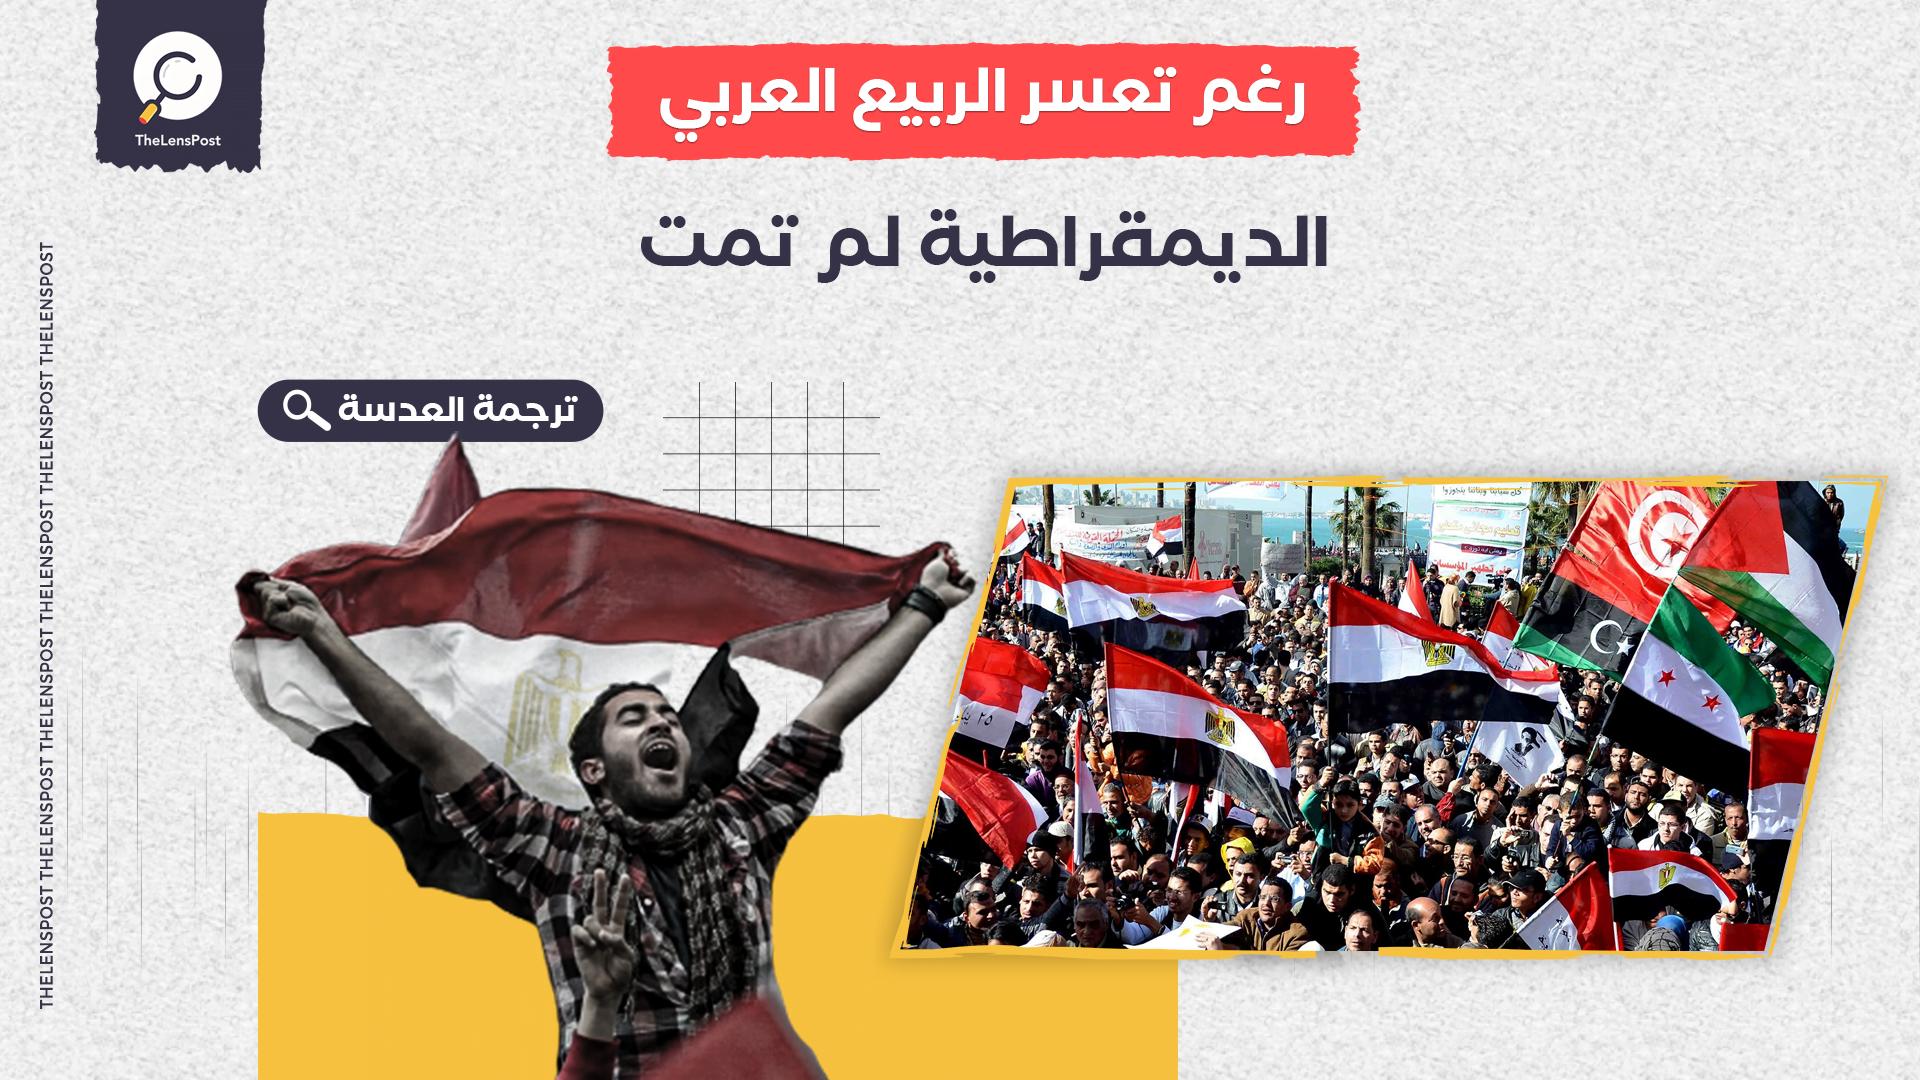 لوبوان: رغم تعسر الربيع العربي.. الديمقراطية لم تمت